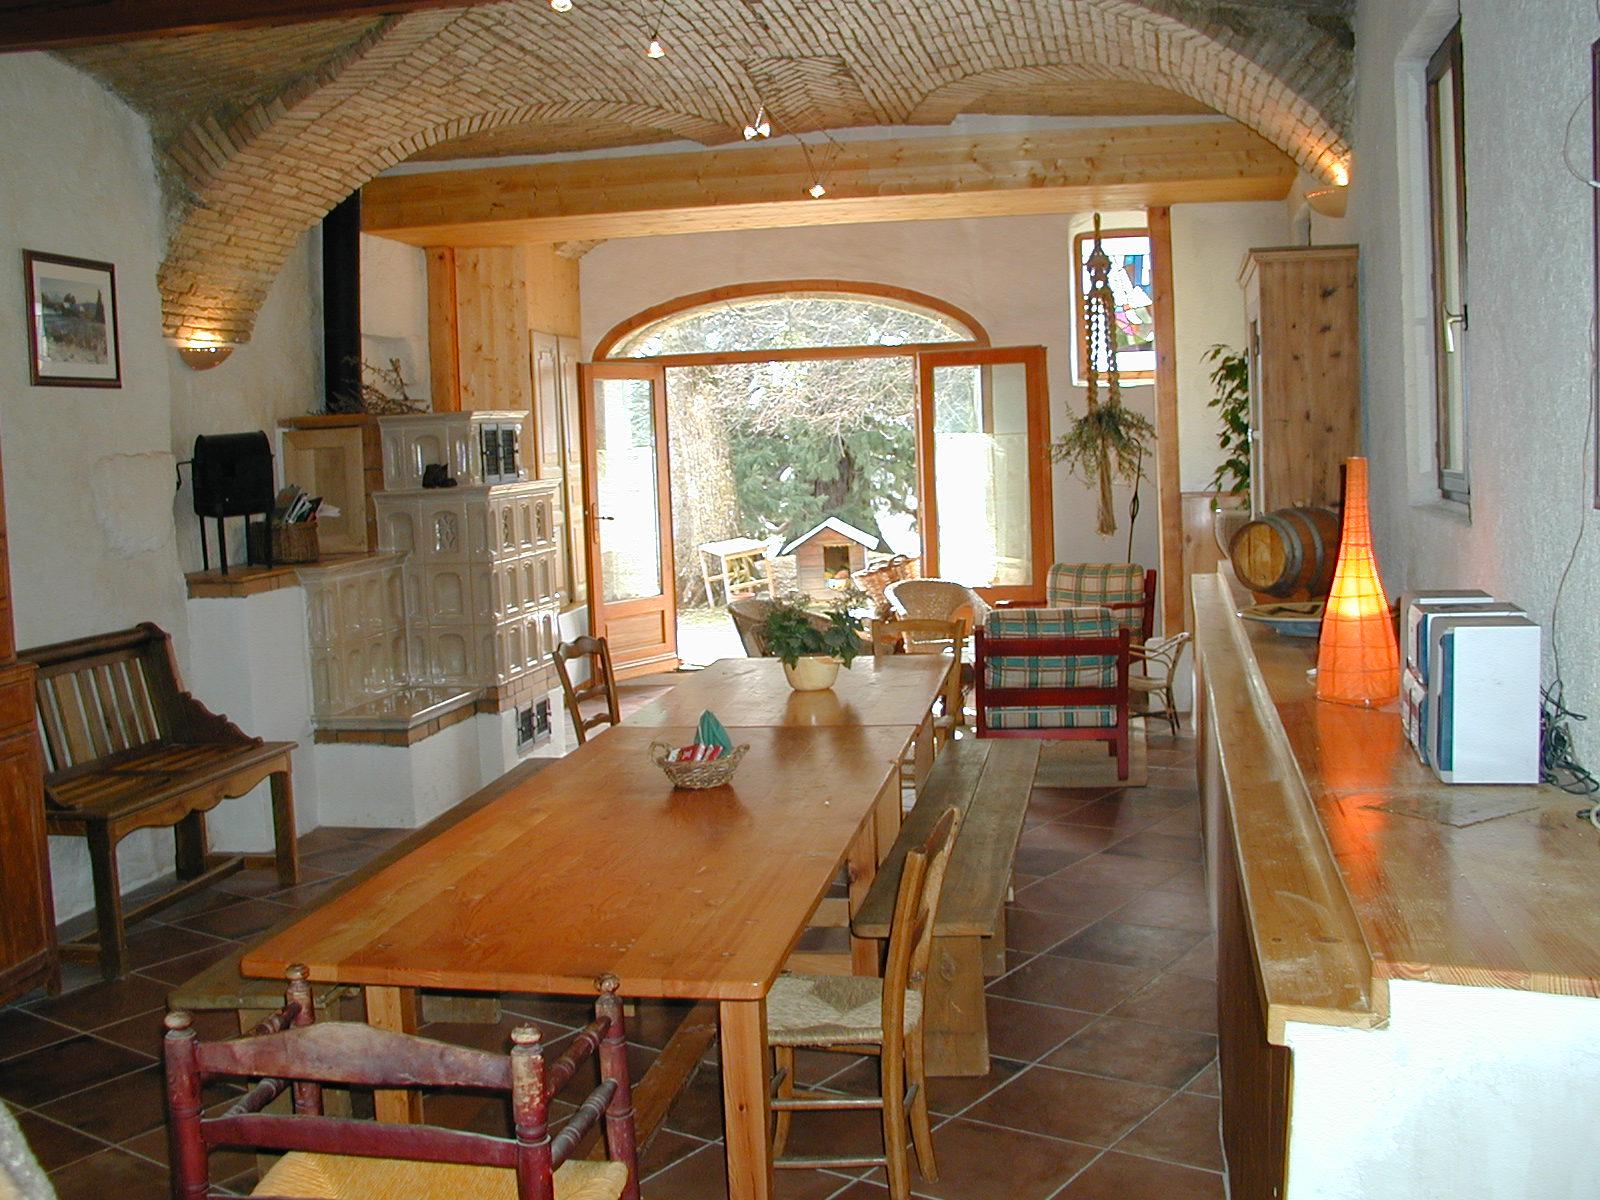 Une grande salle de 60 m2 ancien four à tuiles, unique : un gîte rural de 9 places en location toute